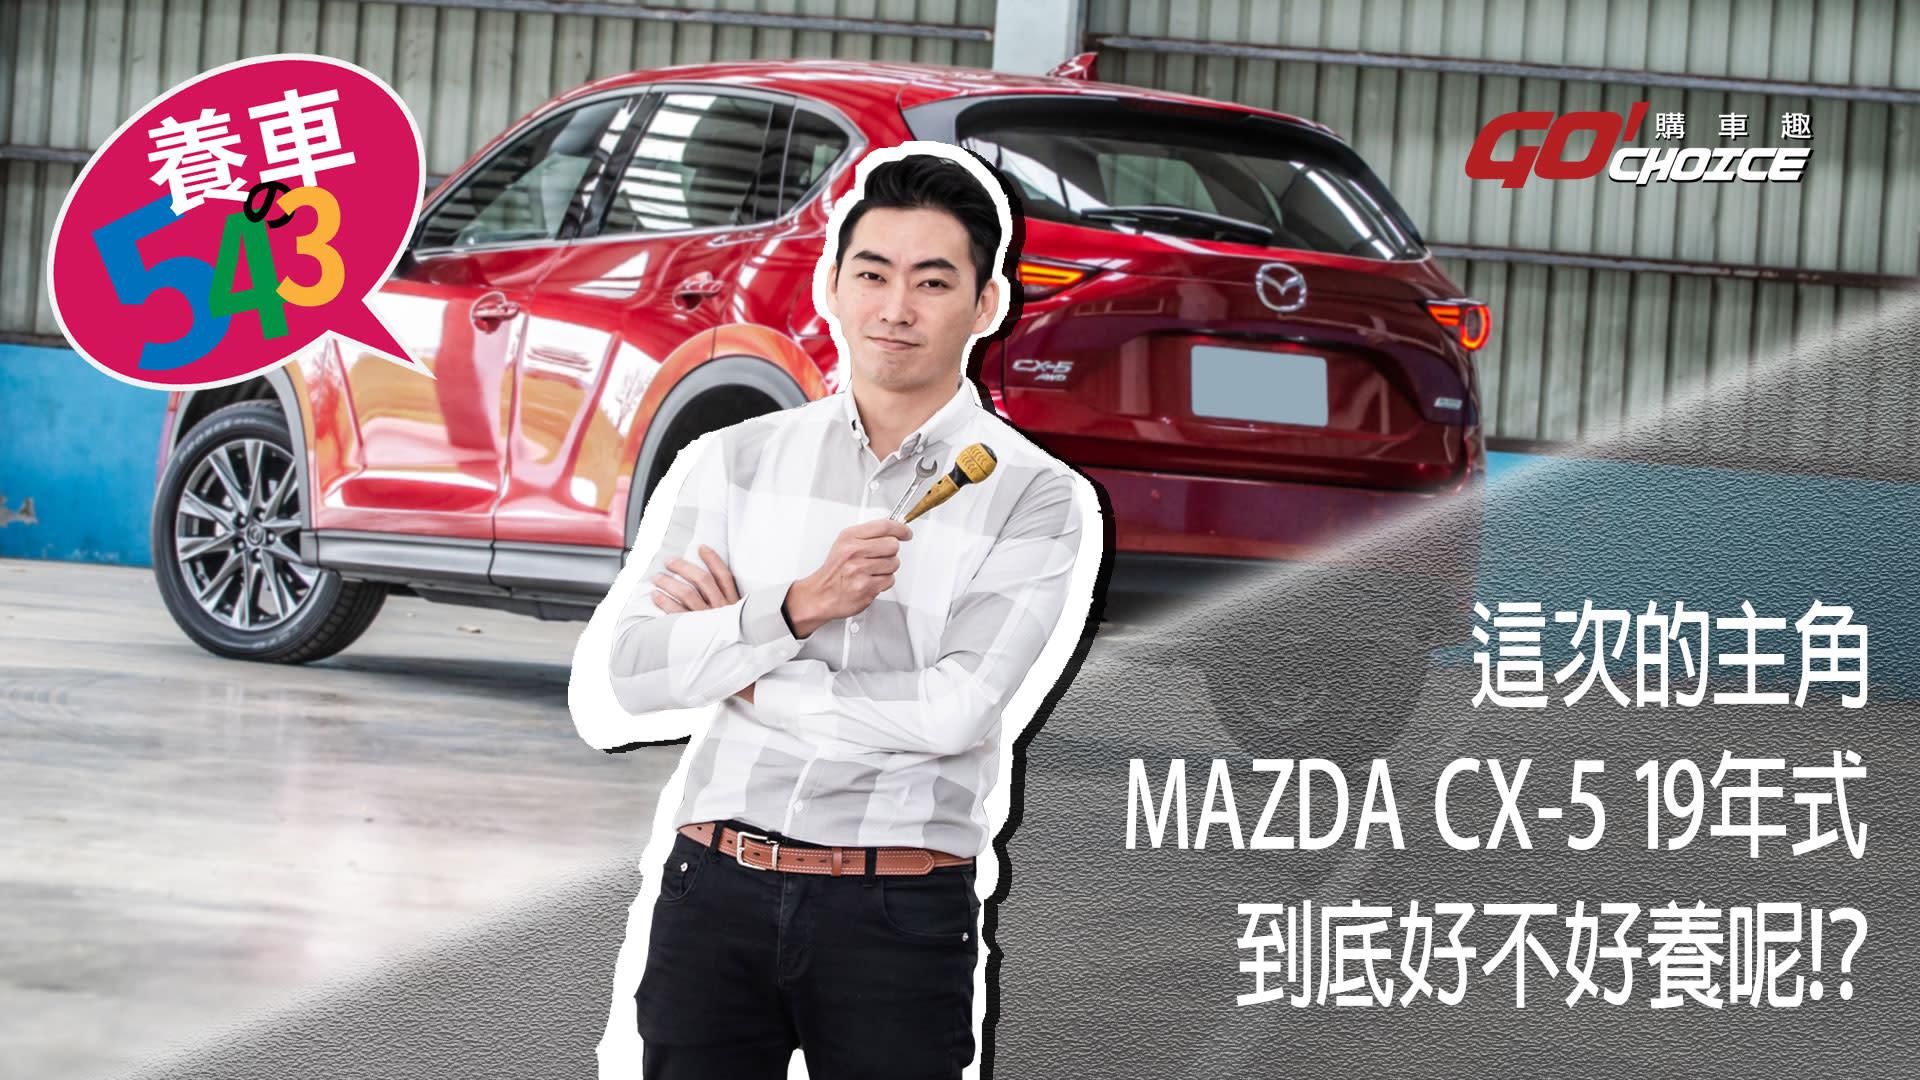 養車543-MAZDA CX-5 19年式(第四集)